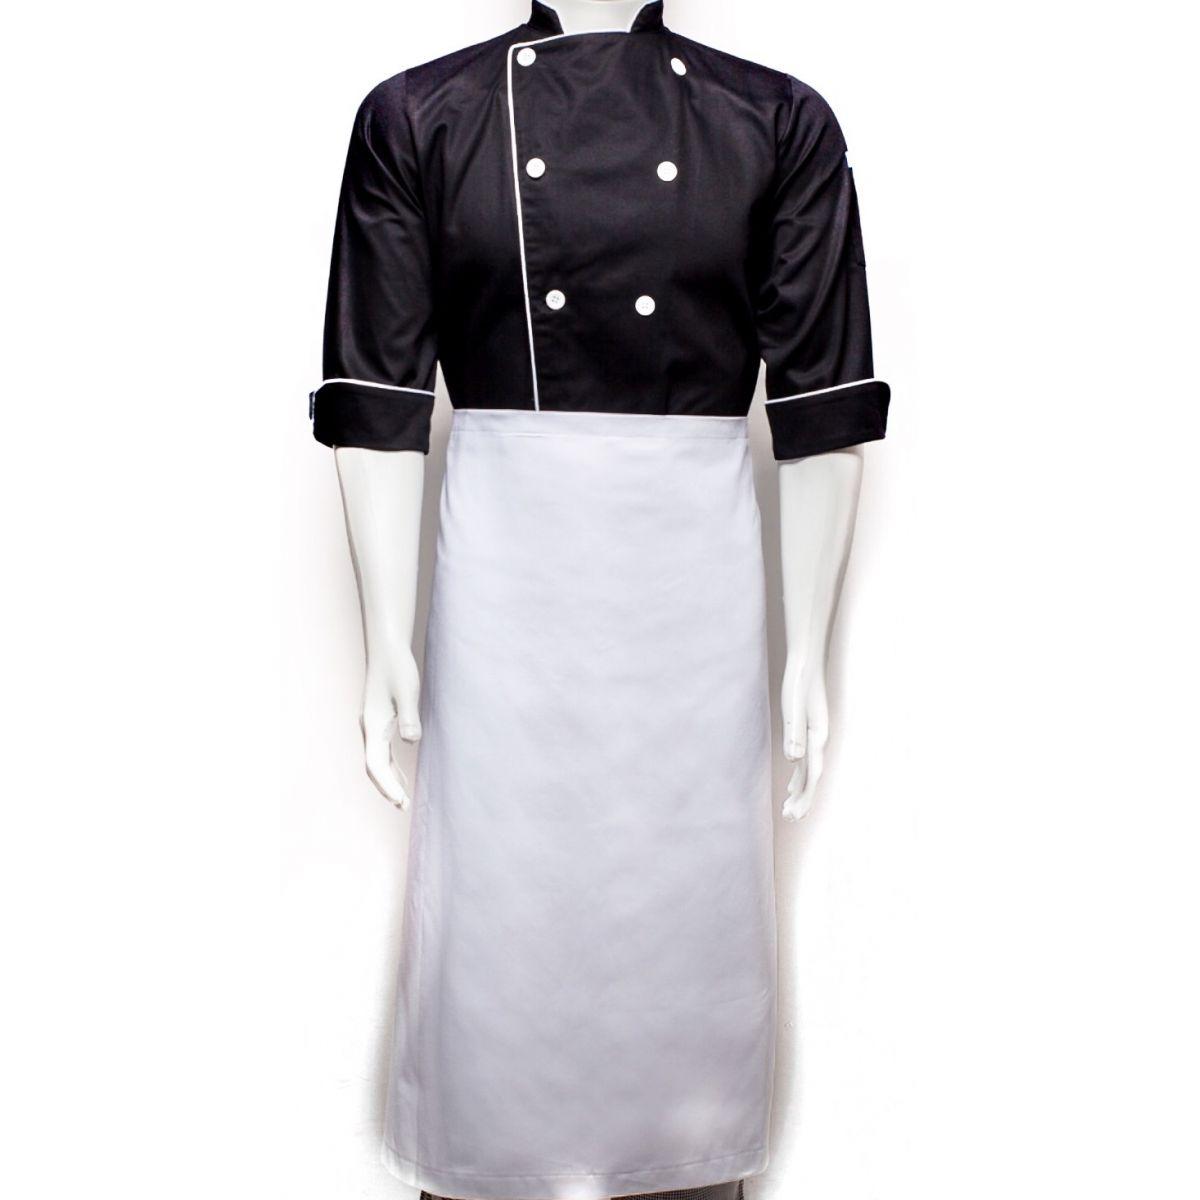 Dólmã Clássico Unissex PRETO JOGO de FACAS BRANCO com vivo e botões brancos - 100% algodão manga 3/4